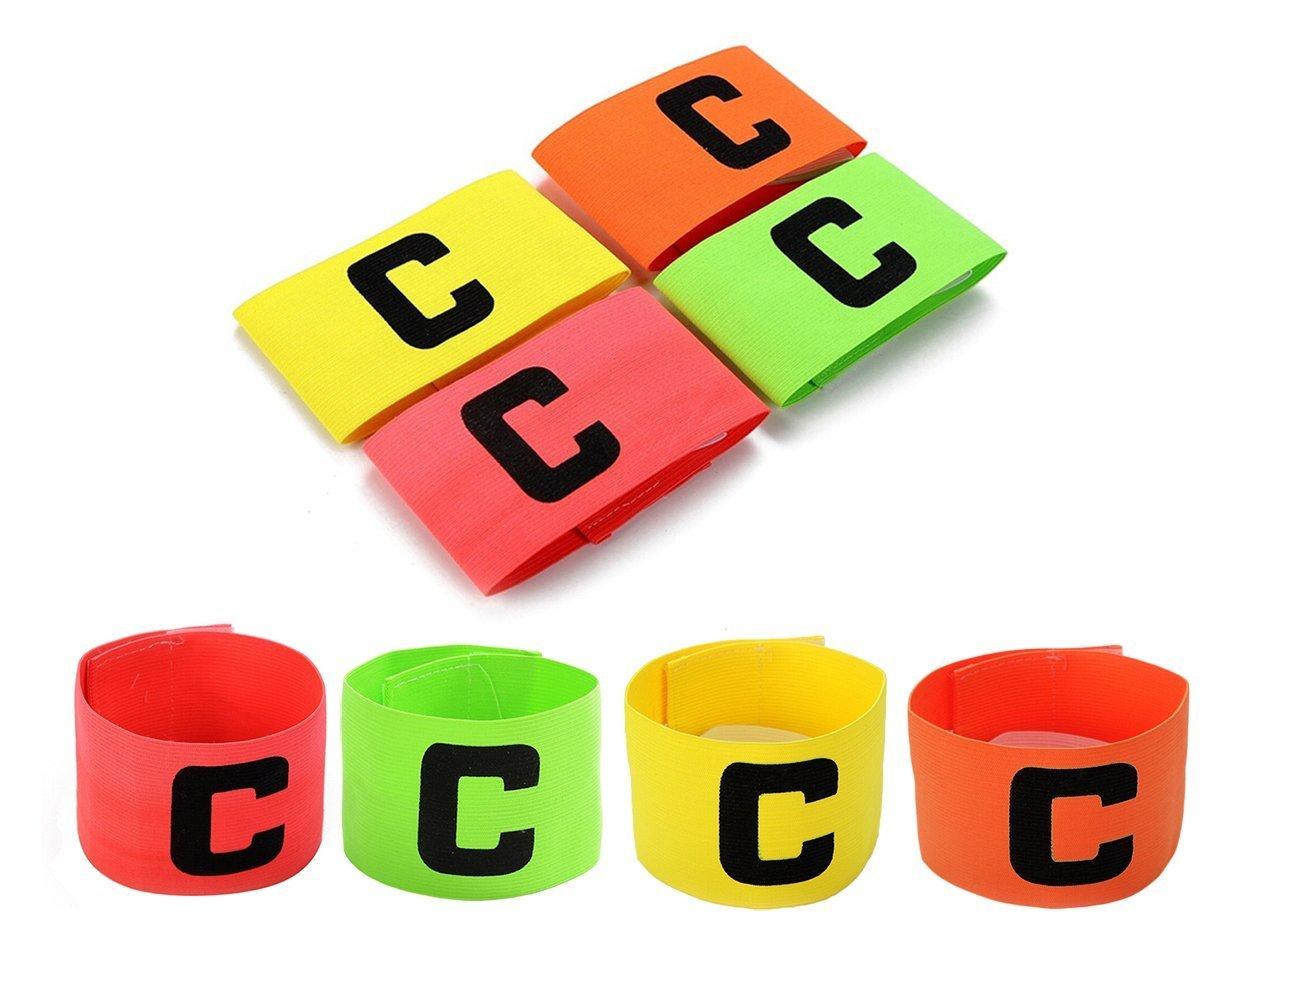 Fußball-Kapitänsschleife, mit zusätzlichem Gummiband als Sicherung, für Kinder und Erwachsene, 4er-Pack, 4 Farben Firelong